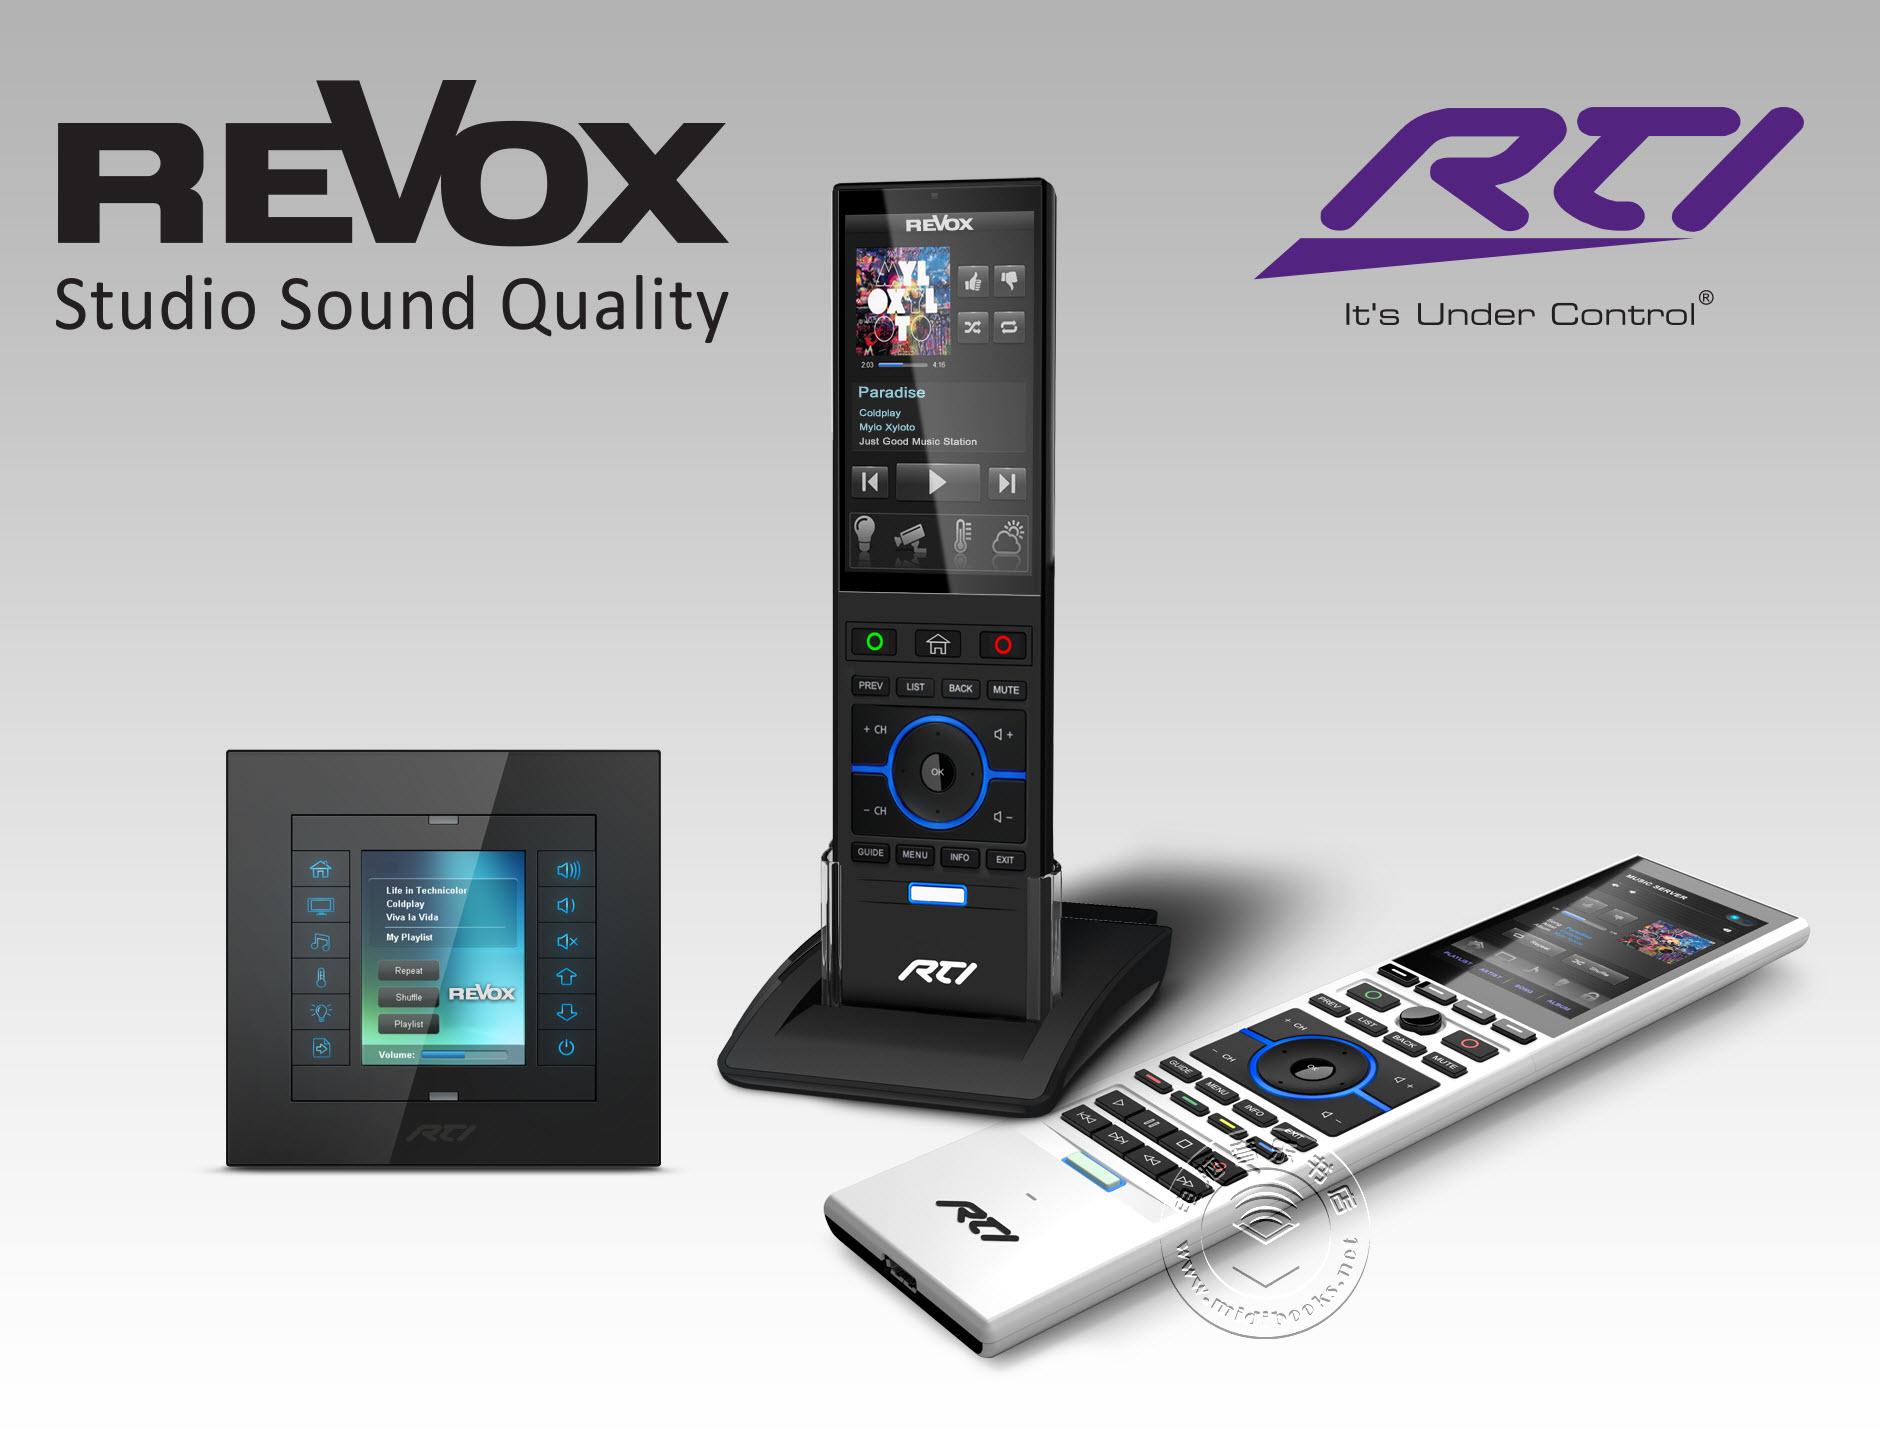 RTI发布可用于Revox多用户音频系统的最新驱动